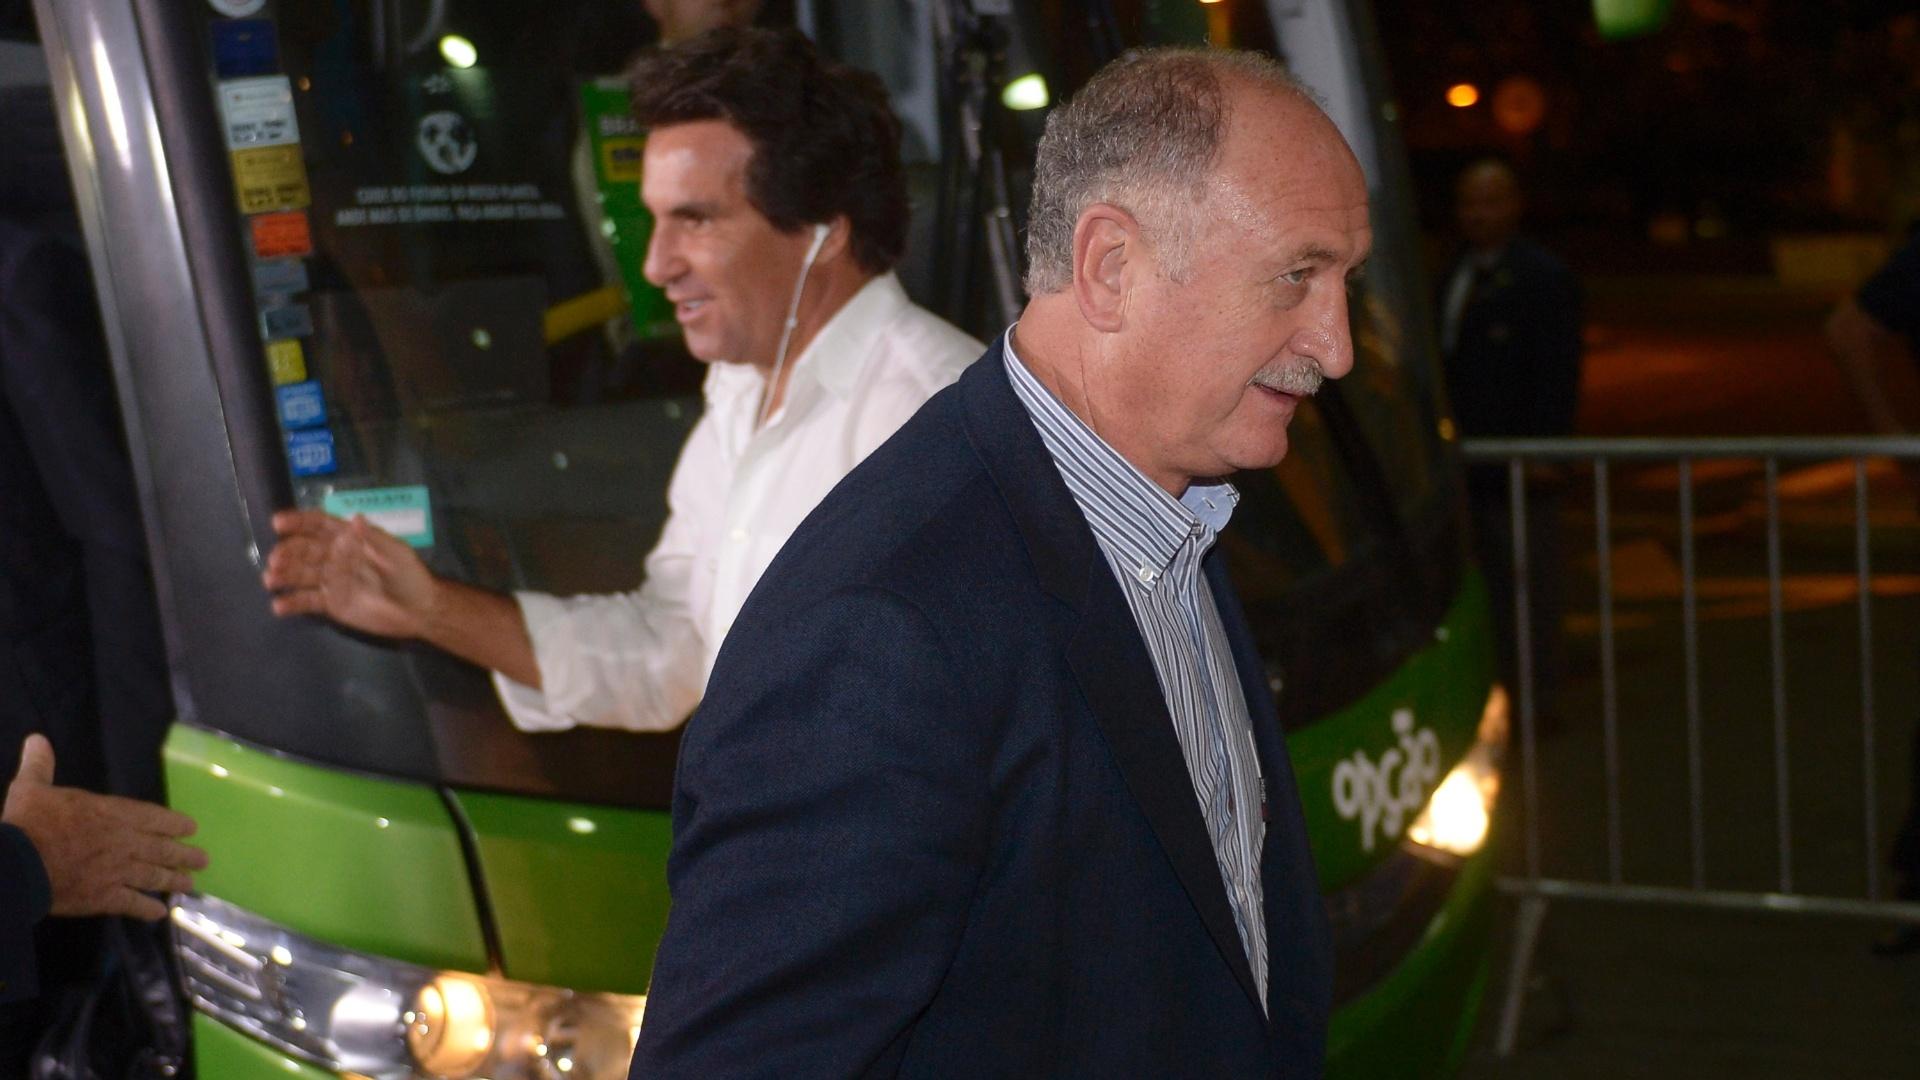 28.05.2013 - Luiz Felipe Scolari, técnico da seleção brasileira, chega à concentração do time no Rio de Janeiro, em São Conrado